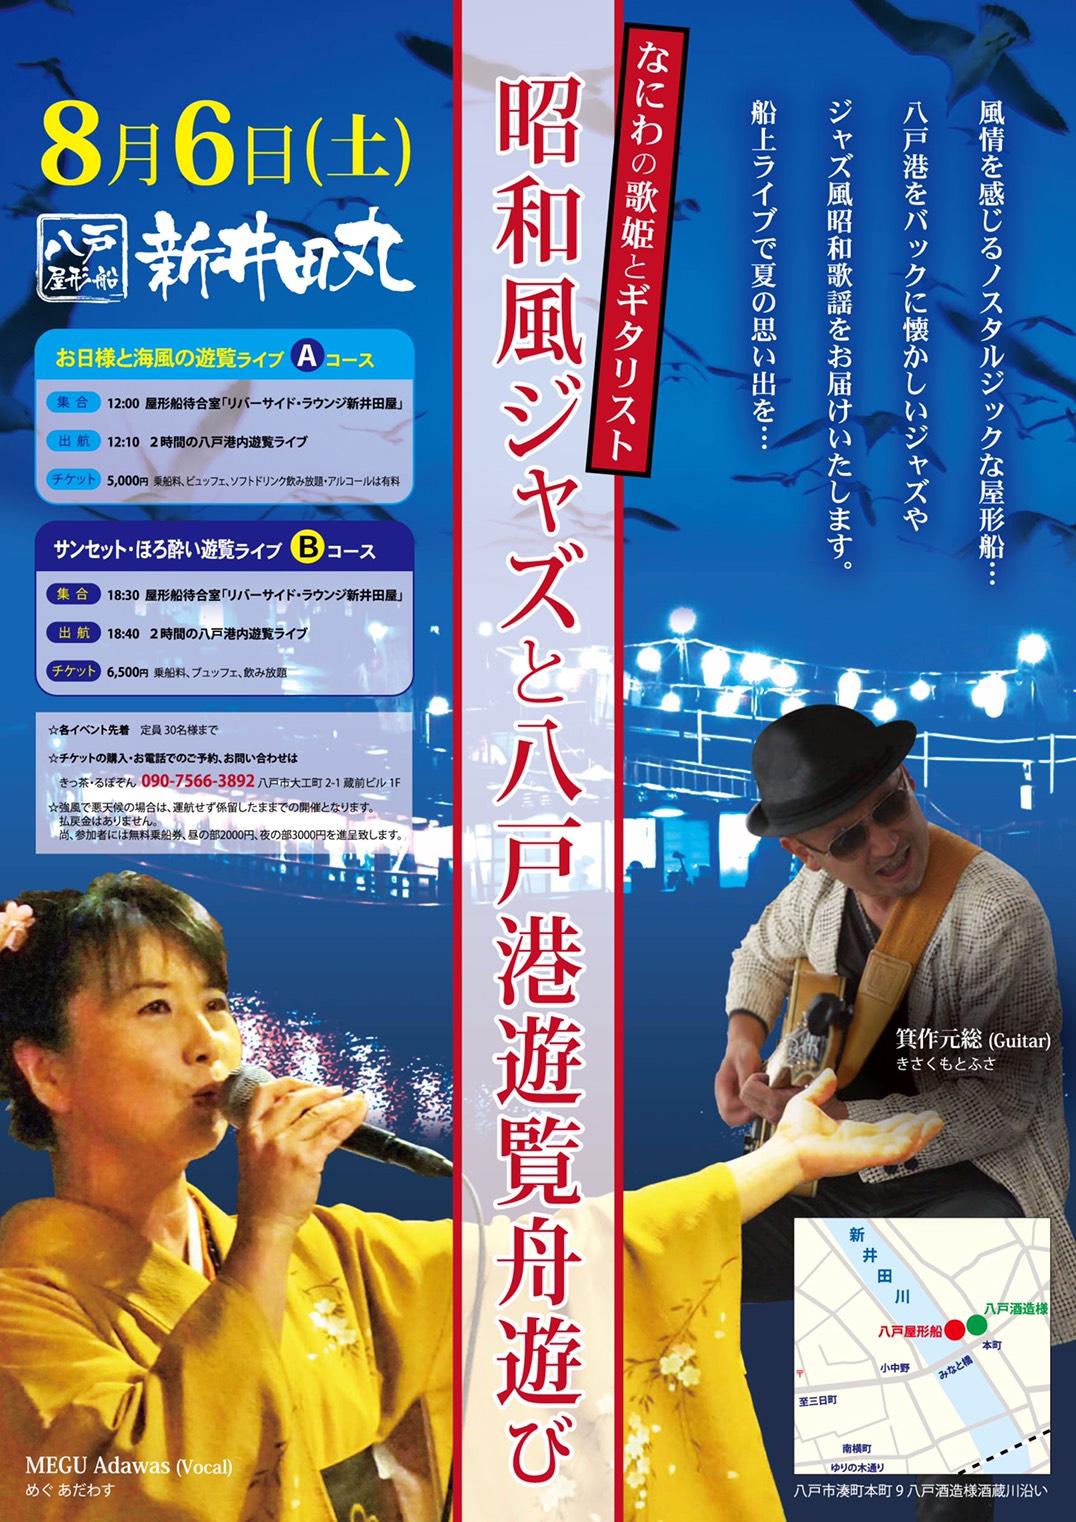 昭和風ジャズと八戸港遊覧舟遊び